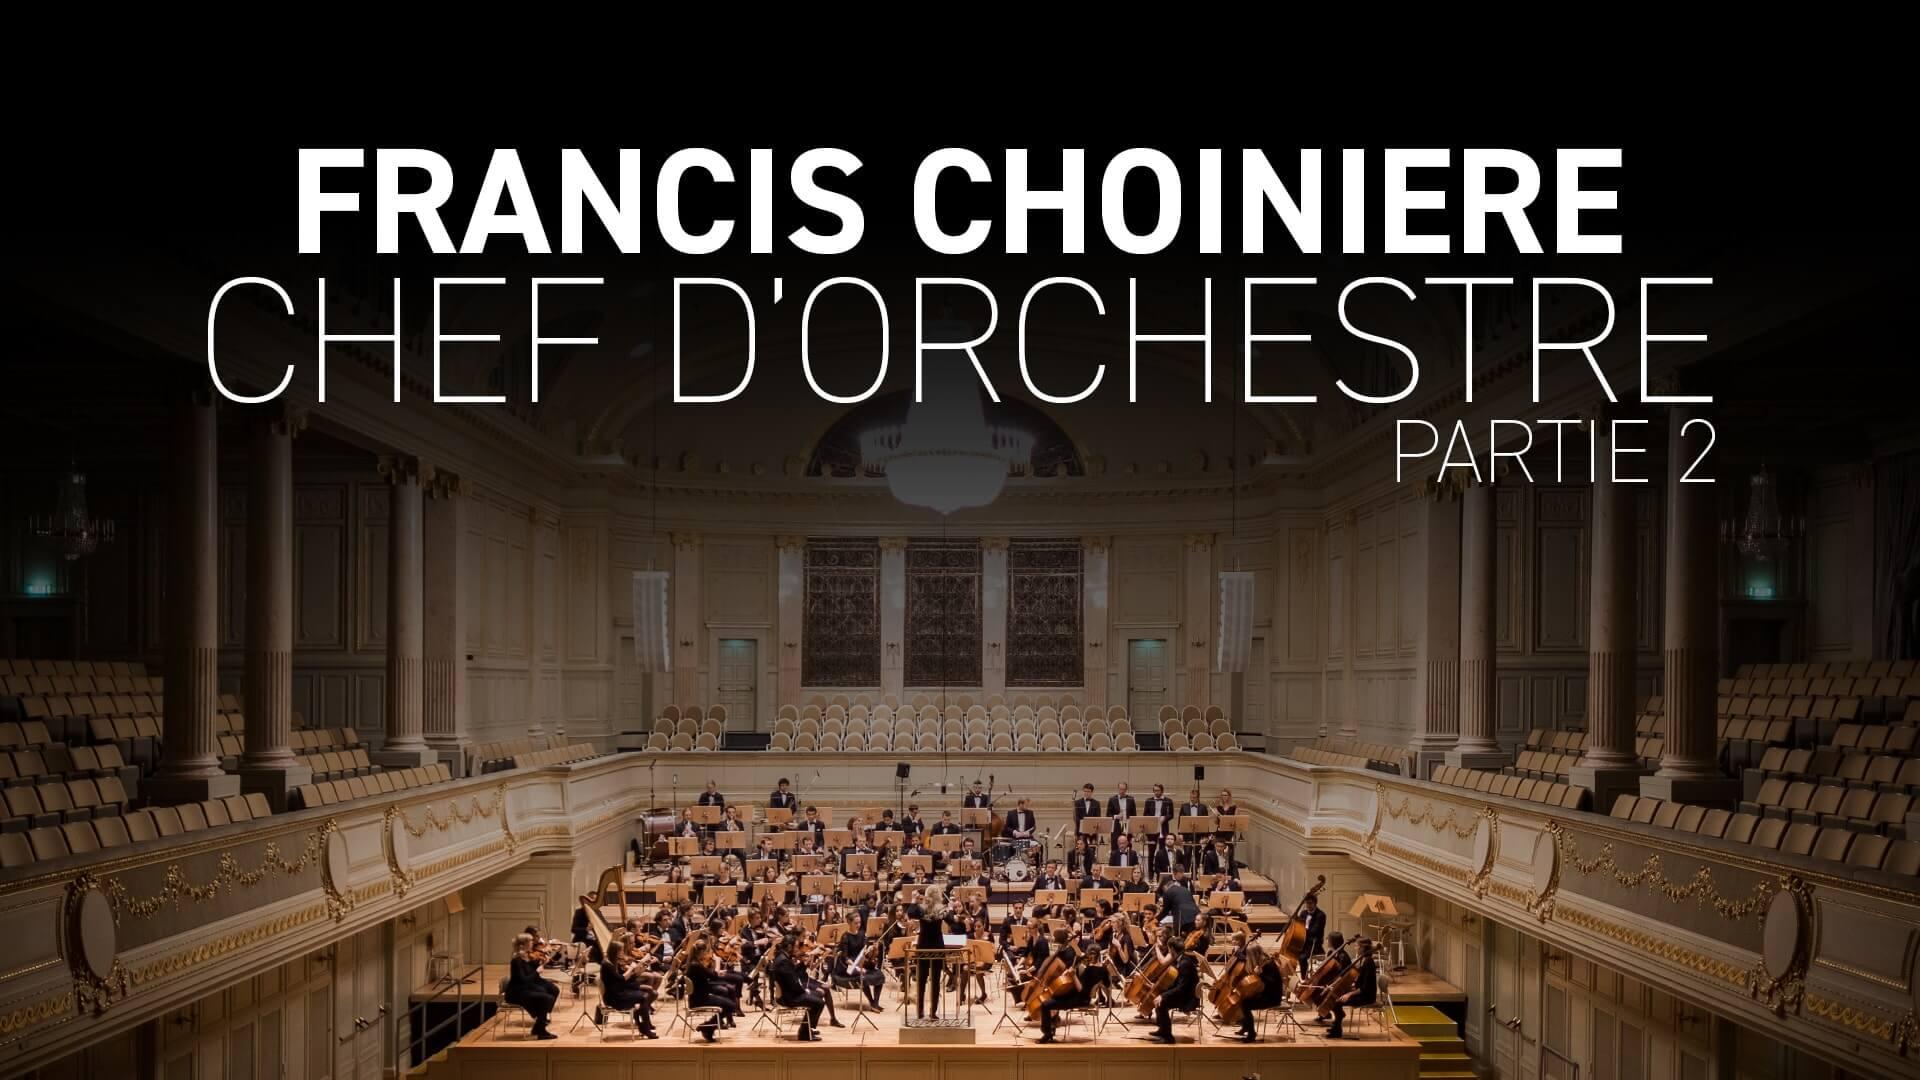 Chef d'orchestre, rencontre avec Francis Choiniere (partie 2)